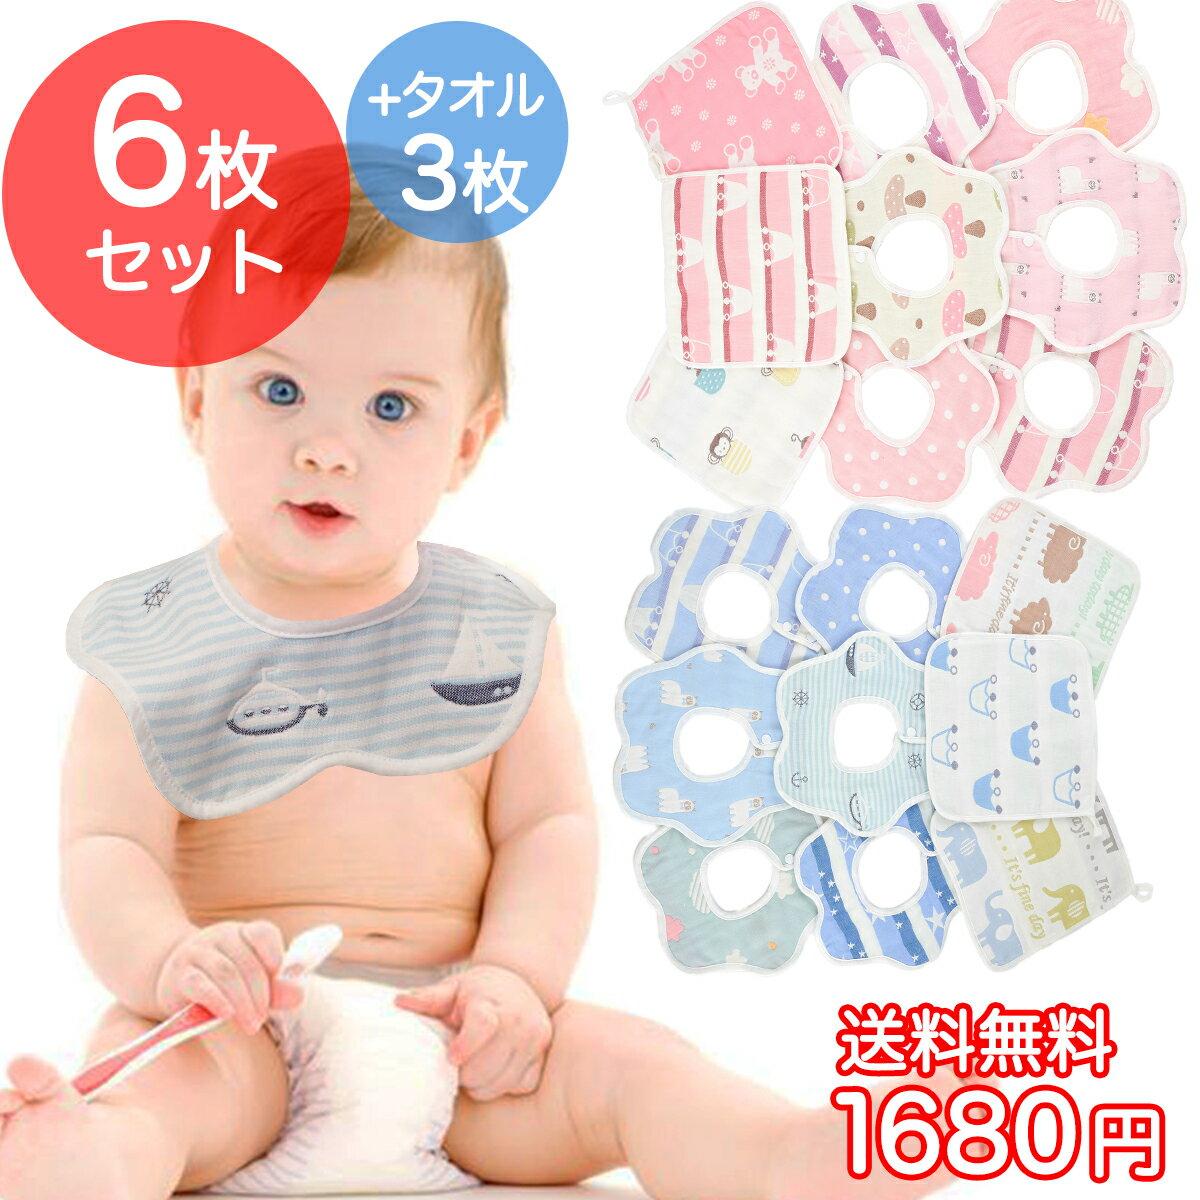 送料無料360°赤ちゃんスタイセット6枚+タオル3枚かわいい男の子女の子よだれかけビブ出産祝いギフト